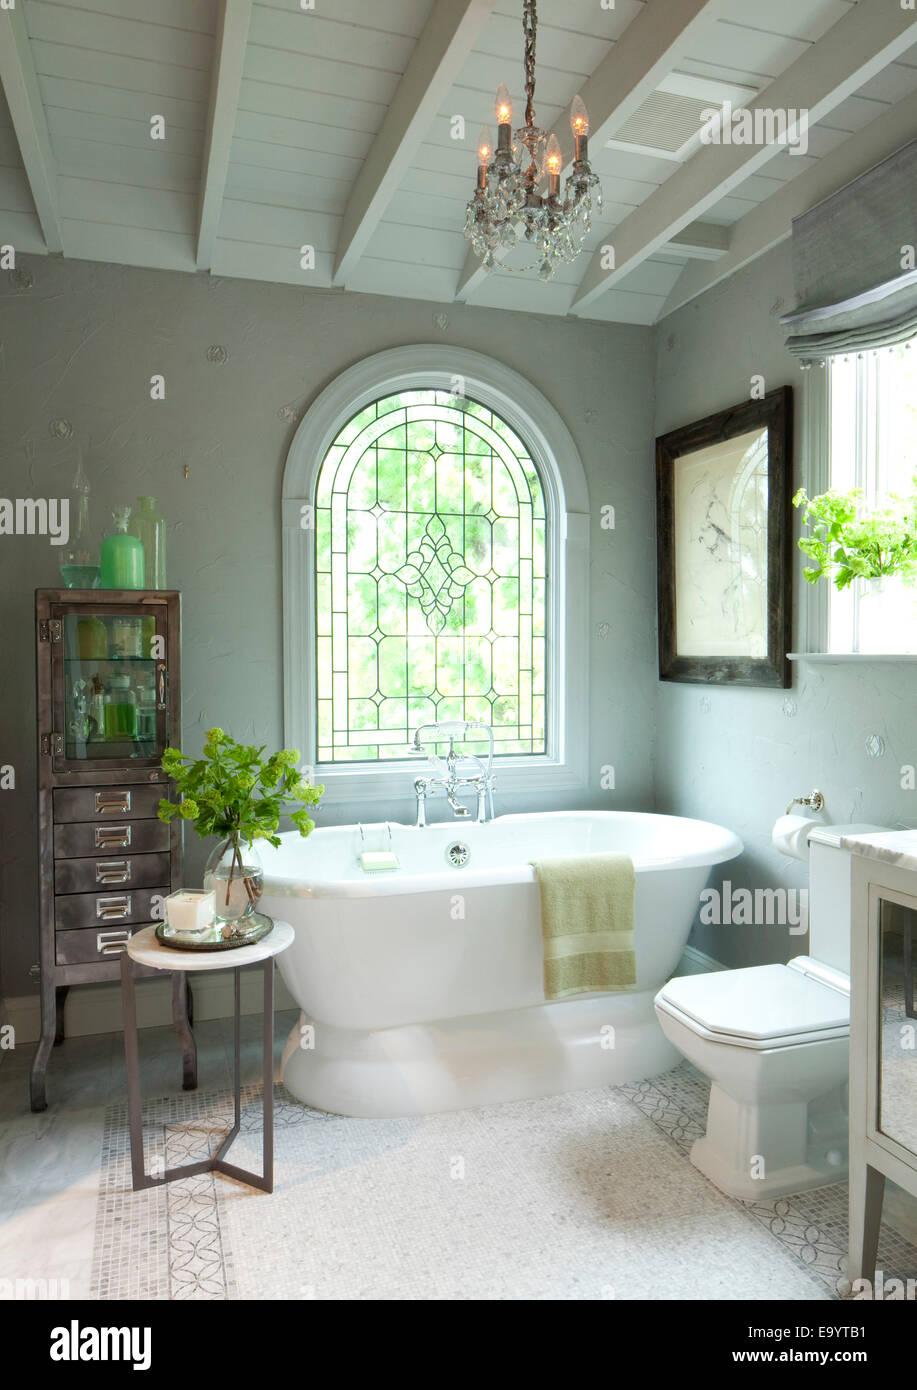 Salle de bain traditionnelle avec grande baignoire en céramique. Banque D'Images